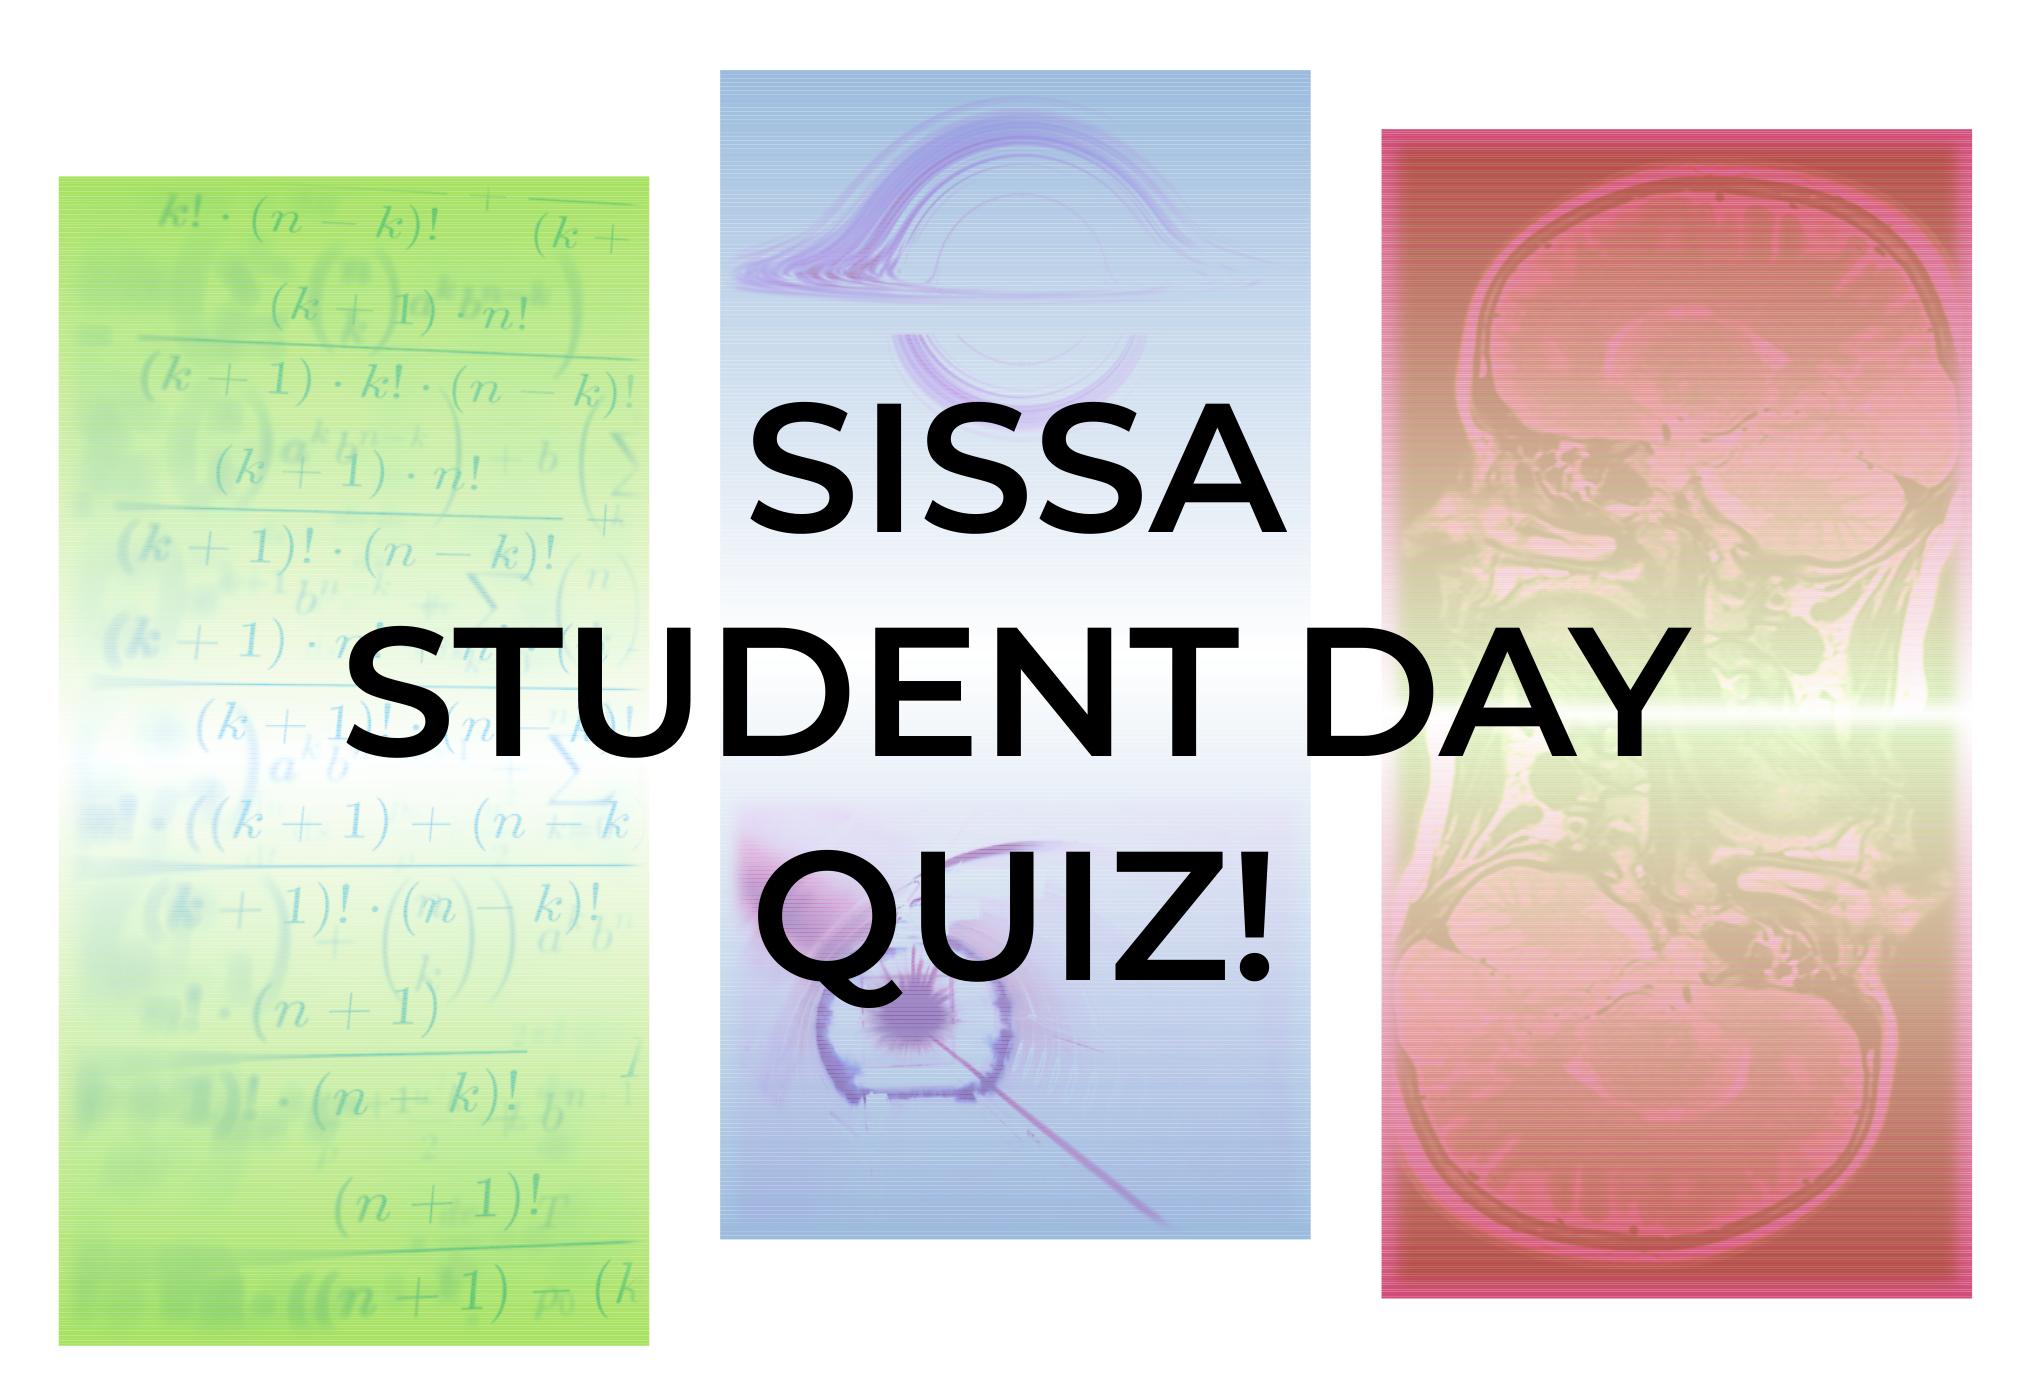 Mettiti anche tu alla prova con il quiz del SISSA Student Day 2021, che si è tenuto lo scorso 25 febbraio, per la prima volta interamente in digitale. Il quiz contiene una serie di 14 domande, che riguardano curiosità sulla SISSA e sulle materie che vengono studiate qui: l'occasione perfetta per addentrarsi metaforicamente nei corridoi […]